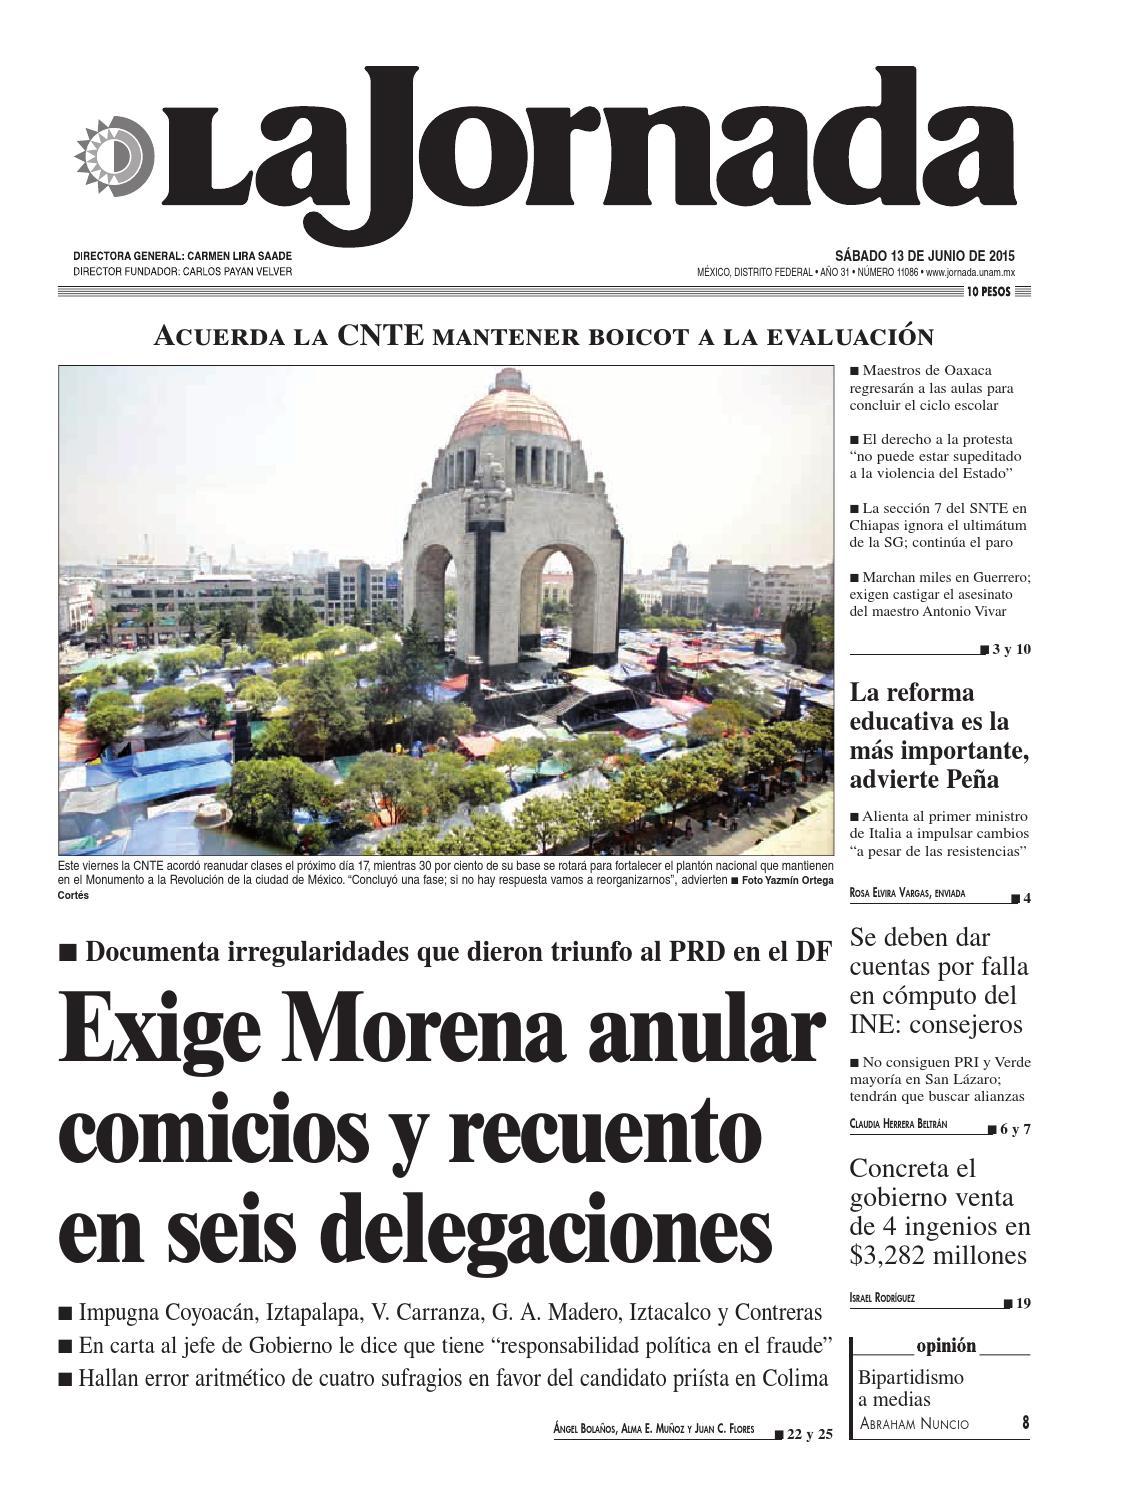 La Jornada, 06/13/2015 by La Jornada: DEMOS Desarrollo de Medios SA ...